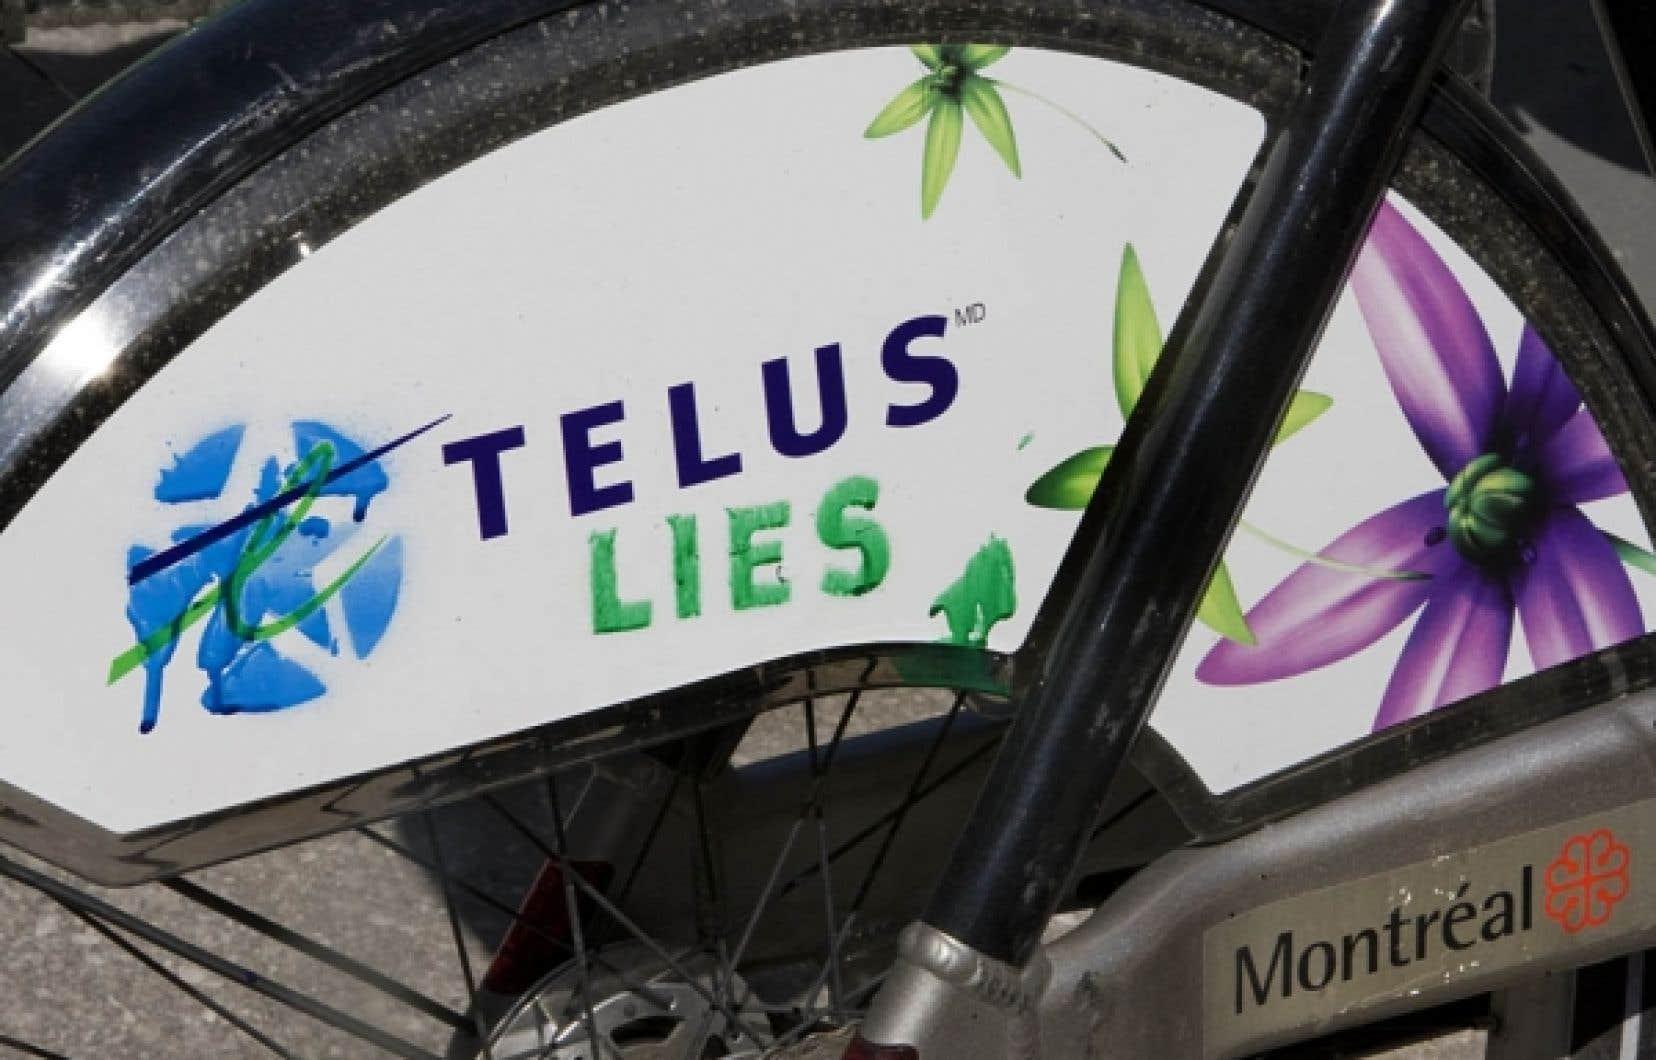 Une publicité vandalisée orne la roue arrière d'un vélo Bixi.<br />